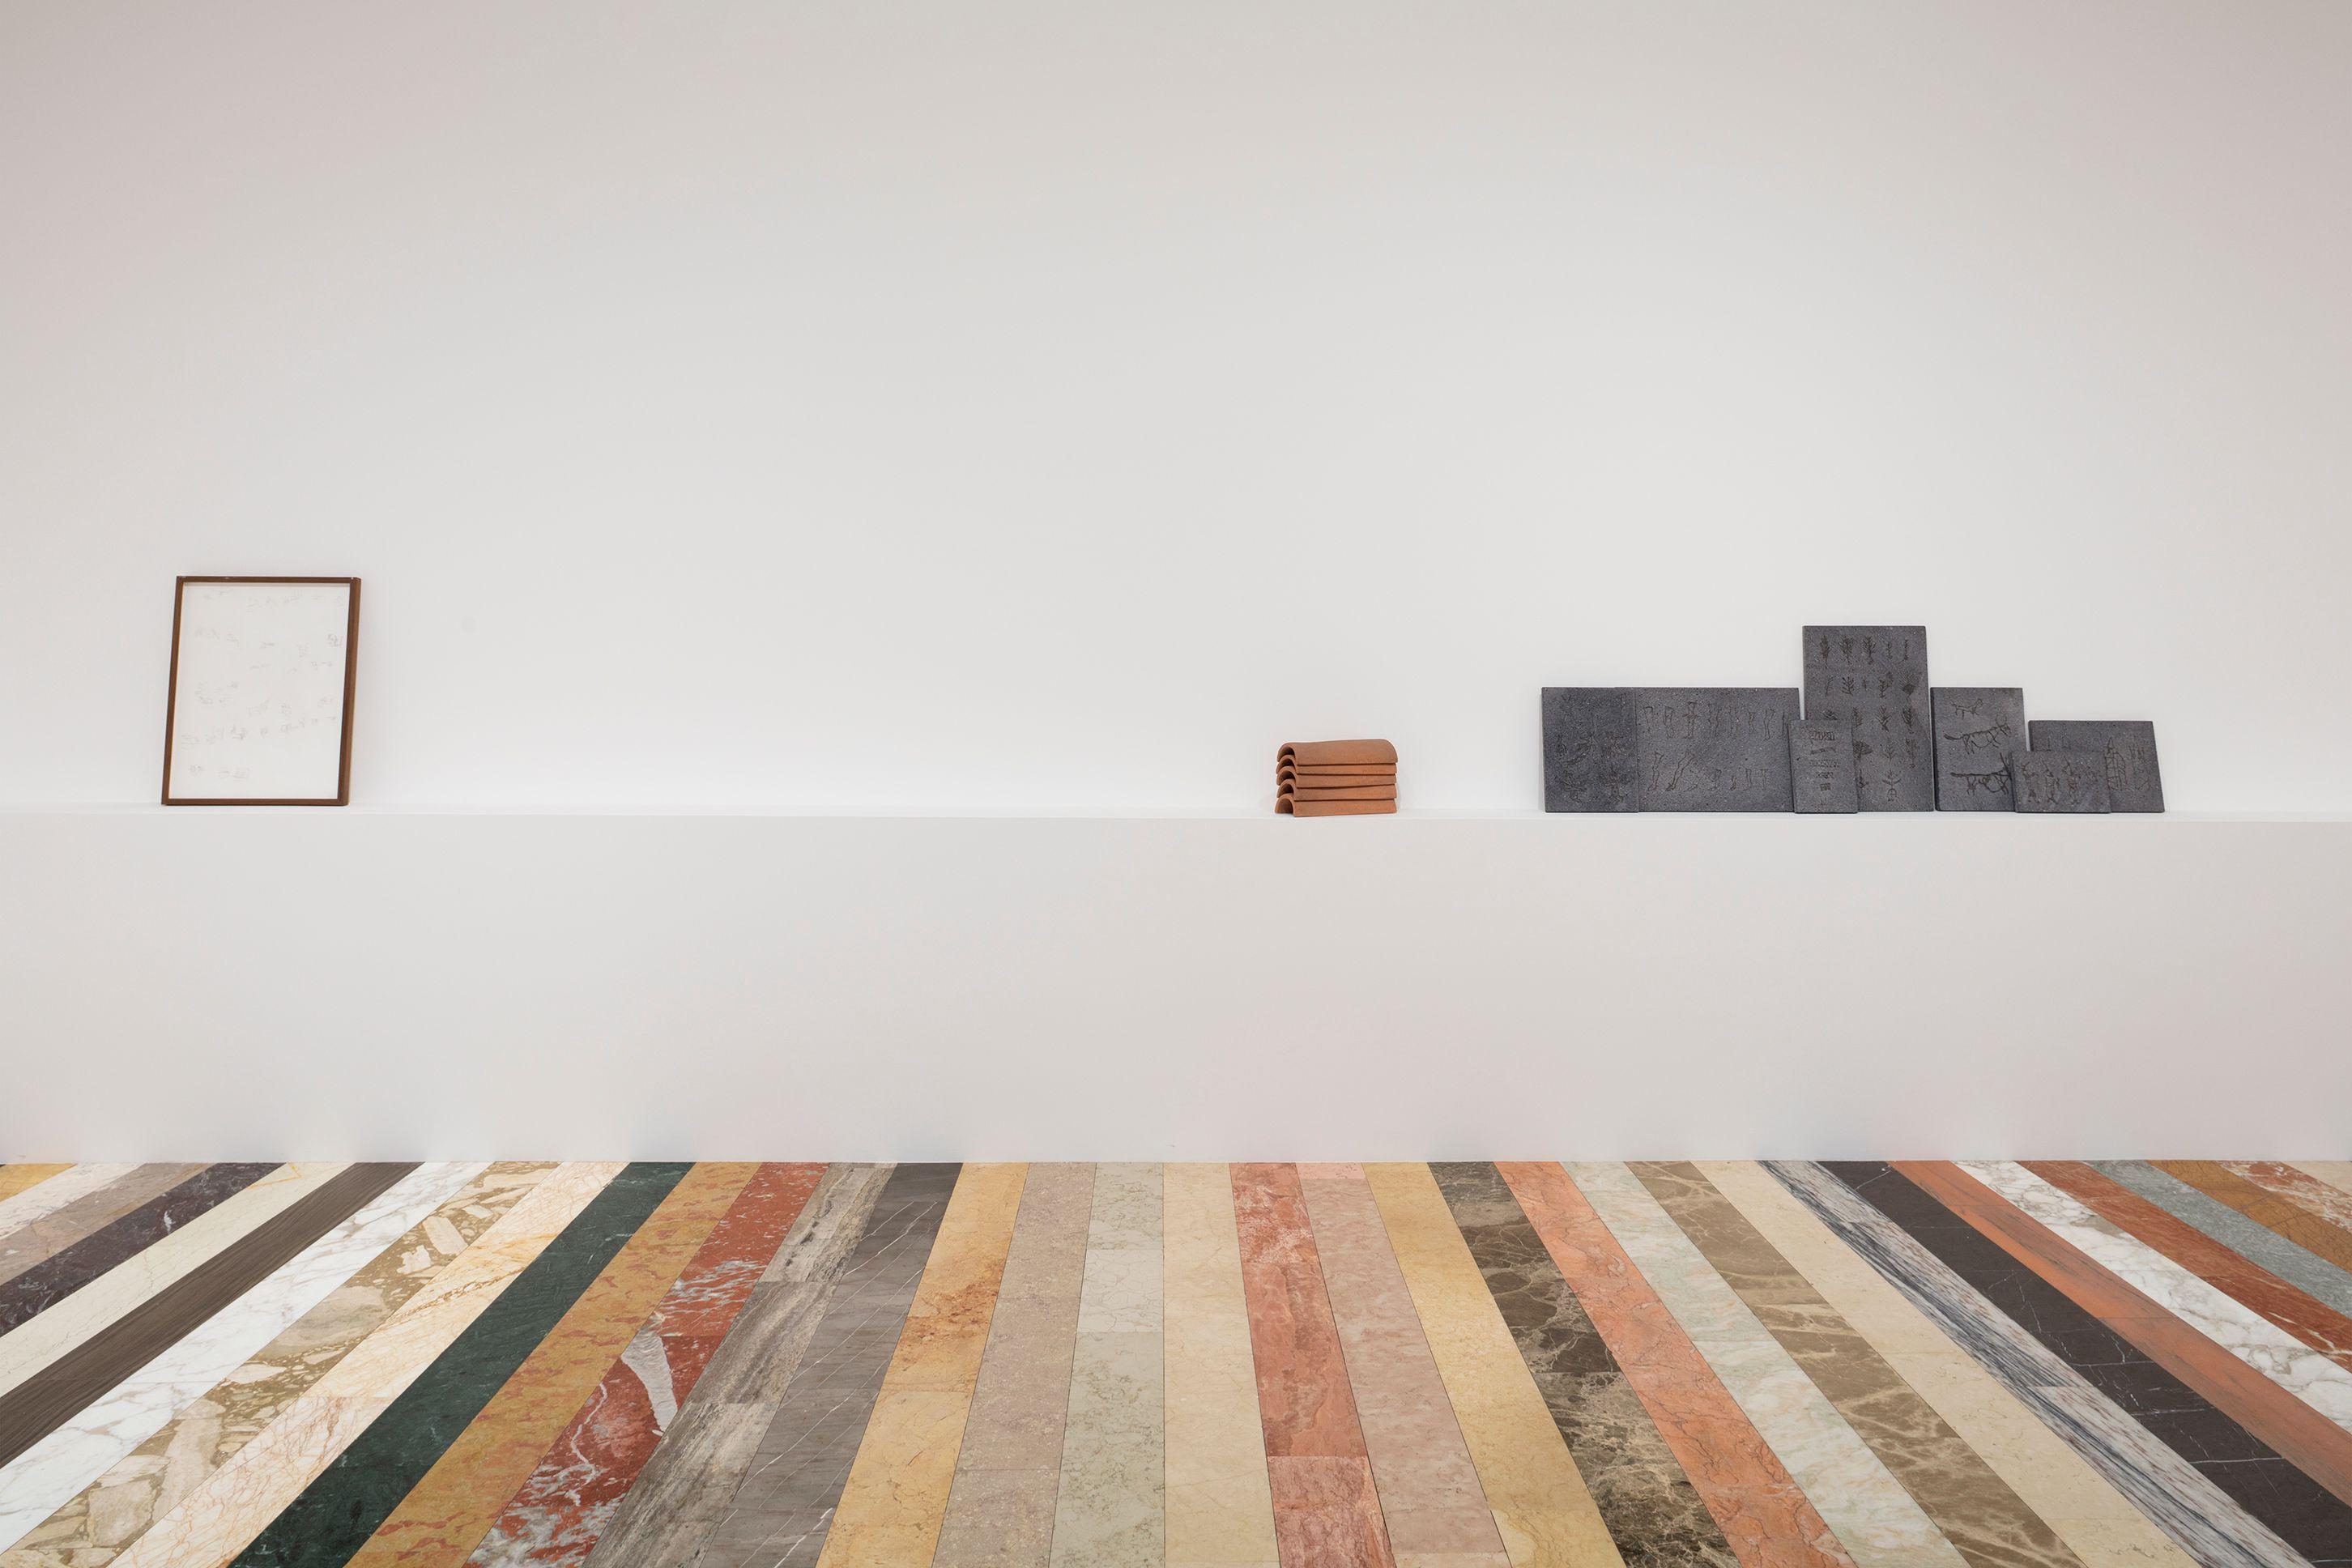 Jorge Satorre, Los Negros, 2011. Excepciones normales: Arte Contemporáneo en México, Museo Jumex, 2021.